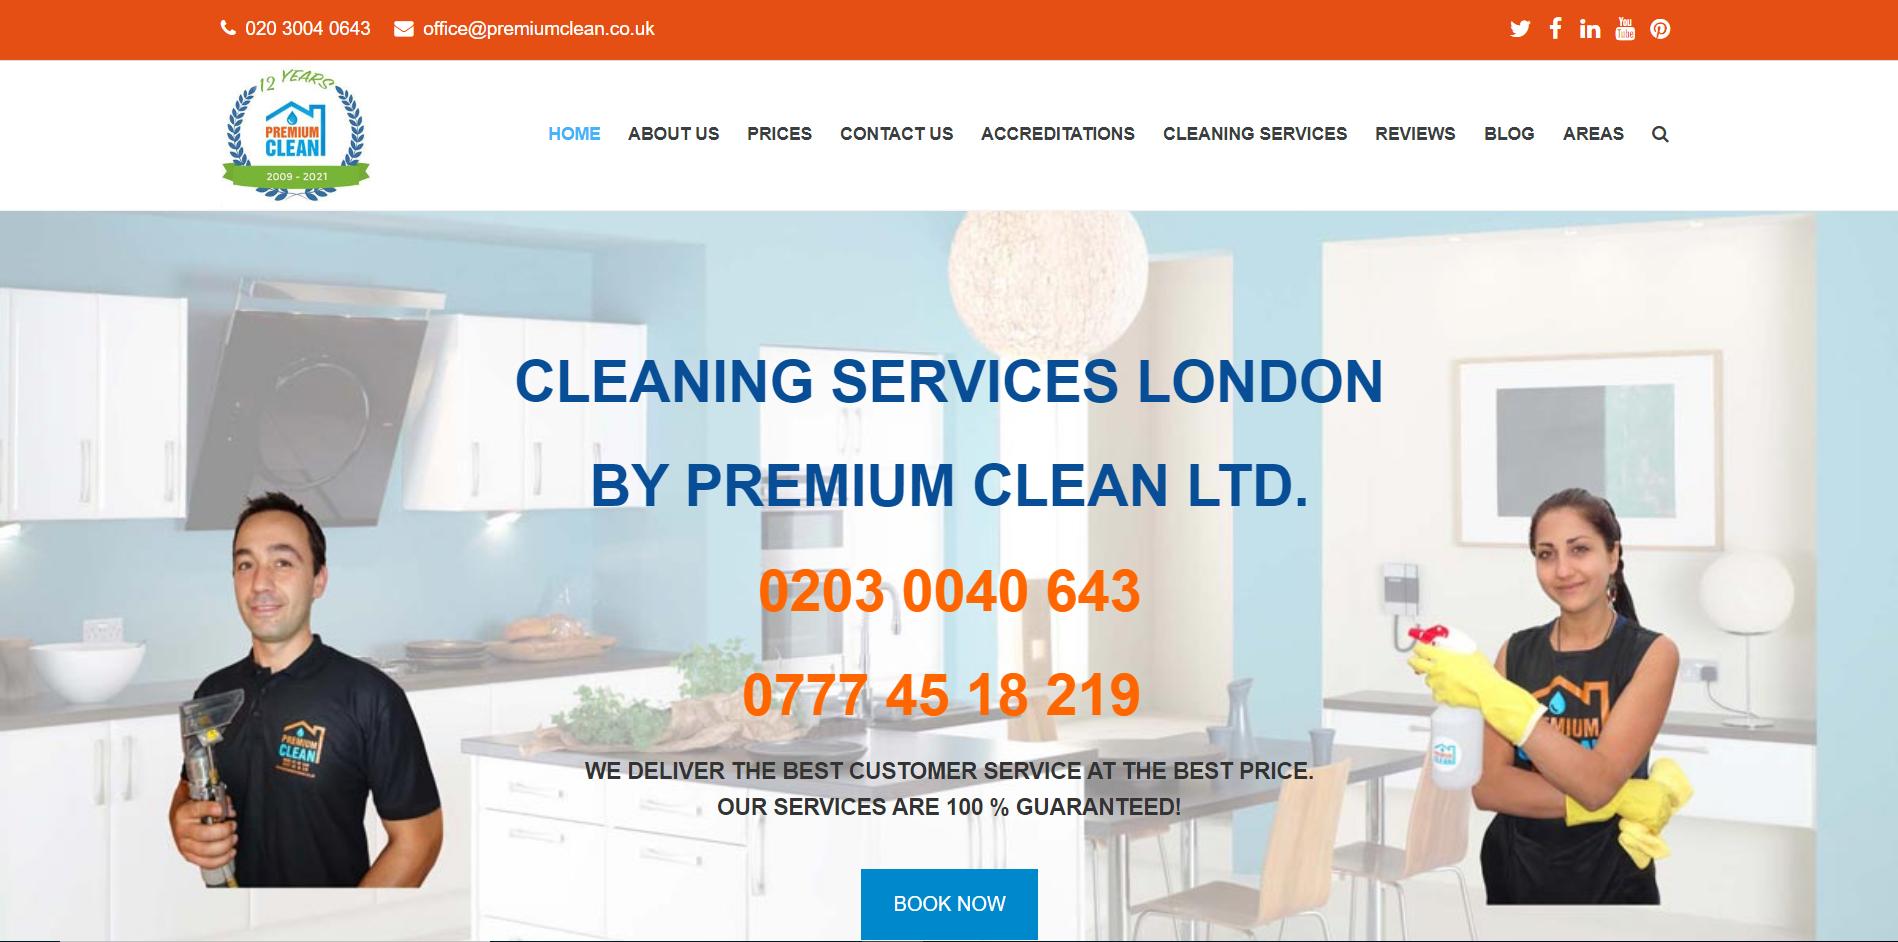 Premium Clean London